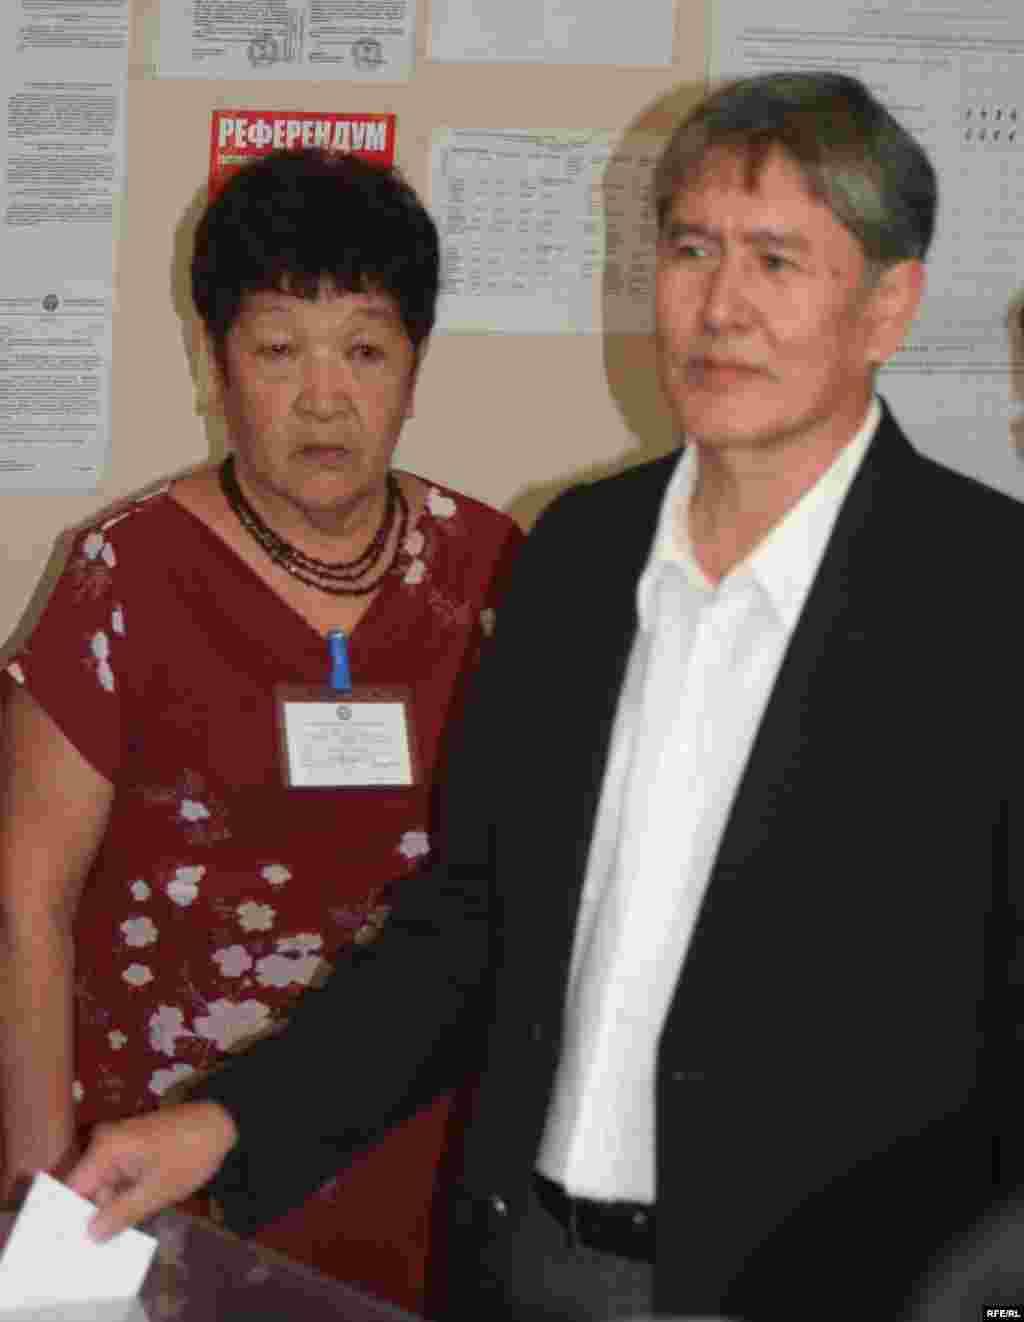 Убактылуу өкмөт башчынын биринчи орун басары А. Атамбаев 5-кесиптик-техникалык окуу жайындагы шайлоо бекетинде.